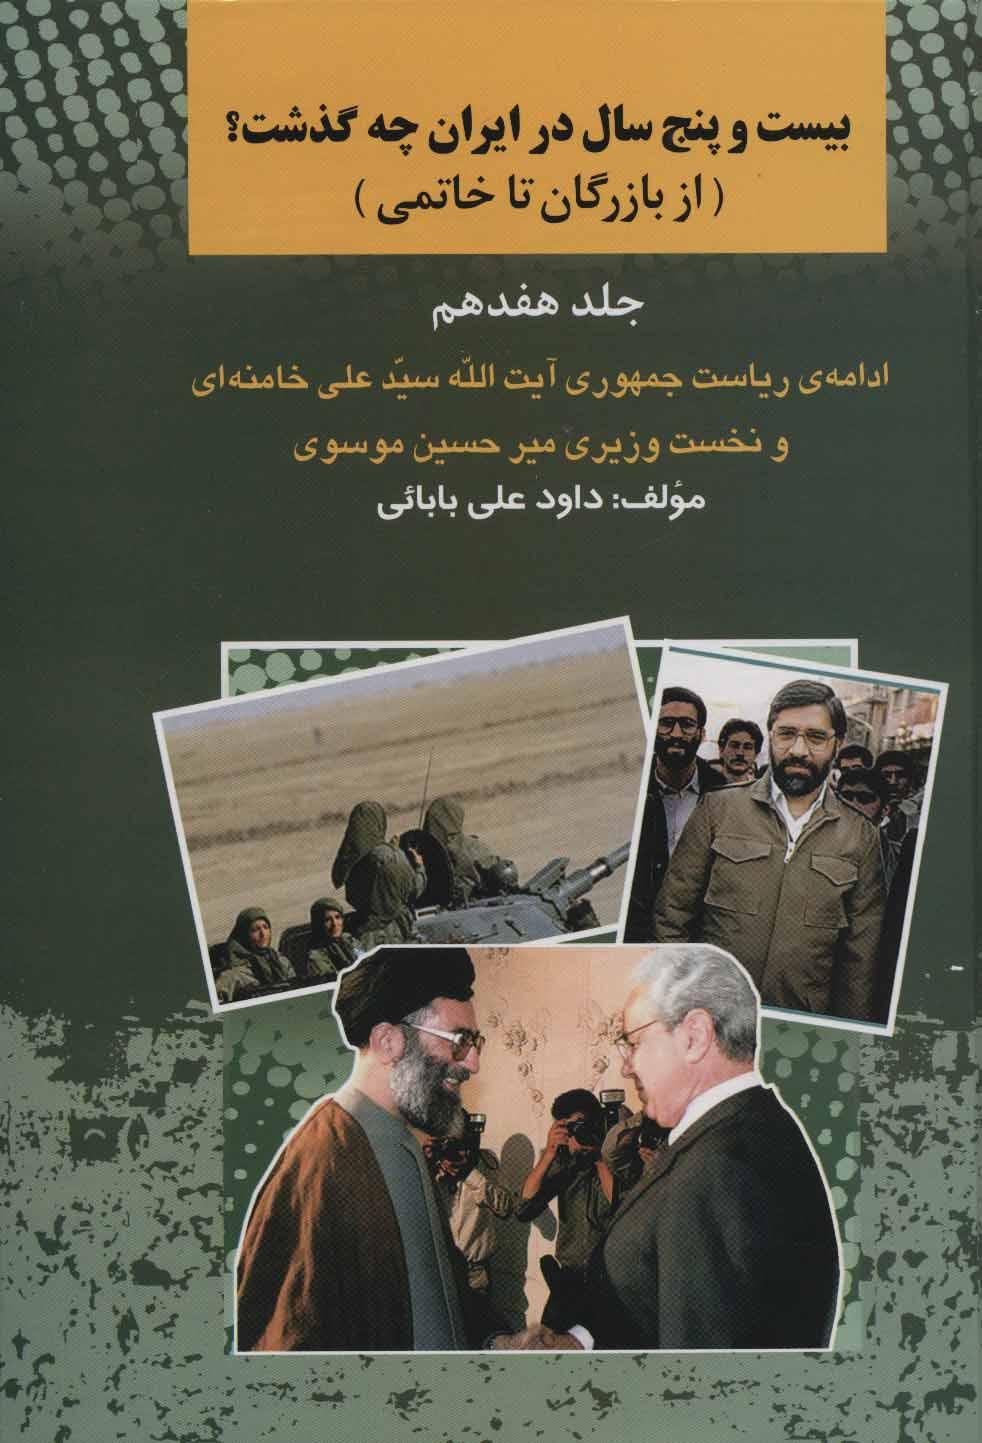 بیست و پنج سال در ایران چه گذشت؟17 (از بازرگان تا خاتمی)